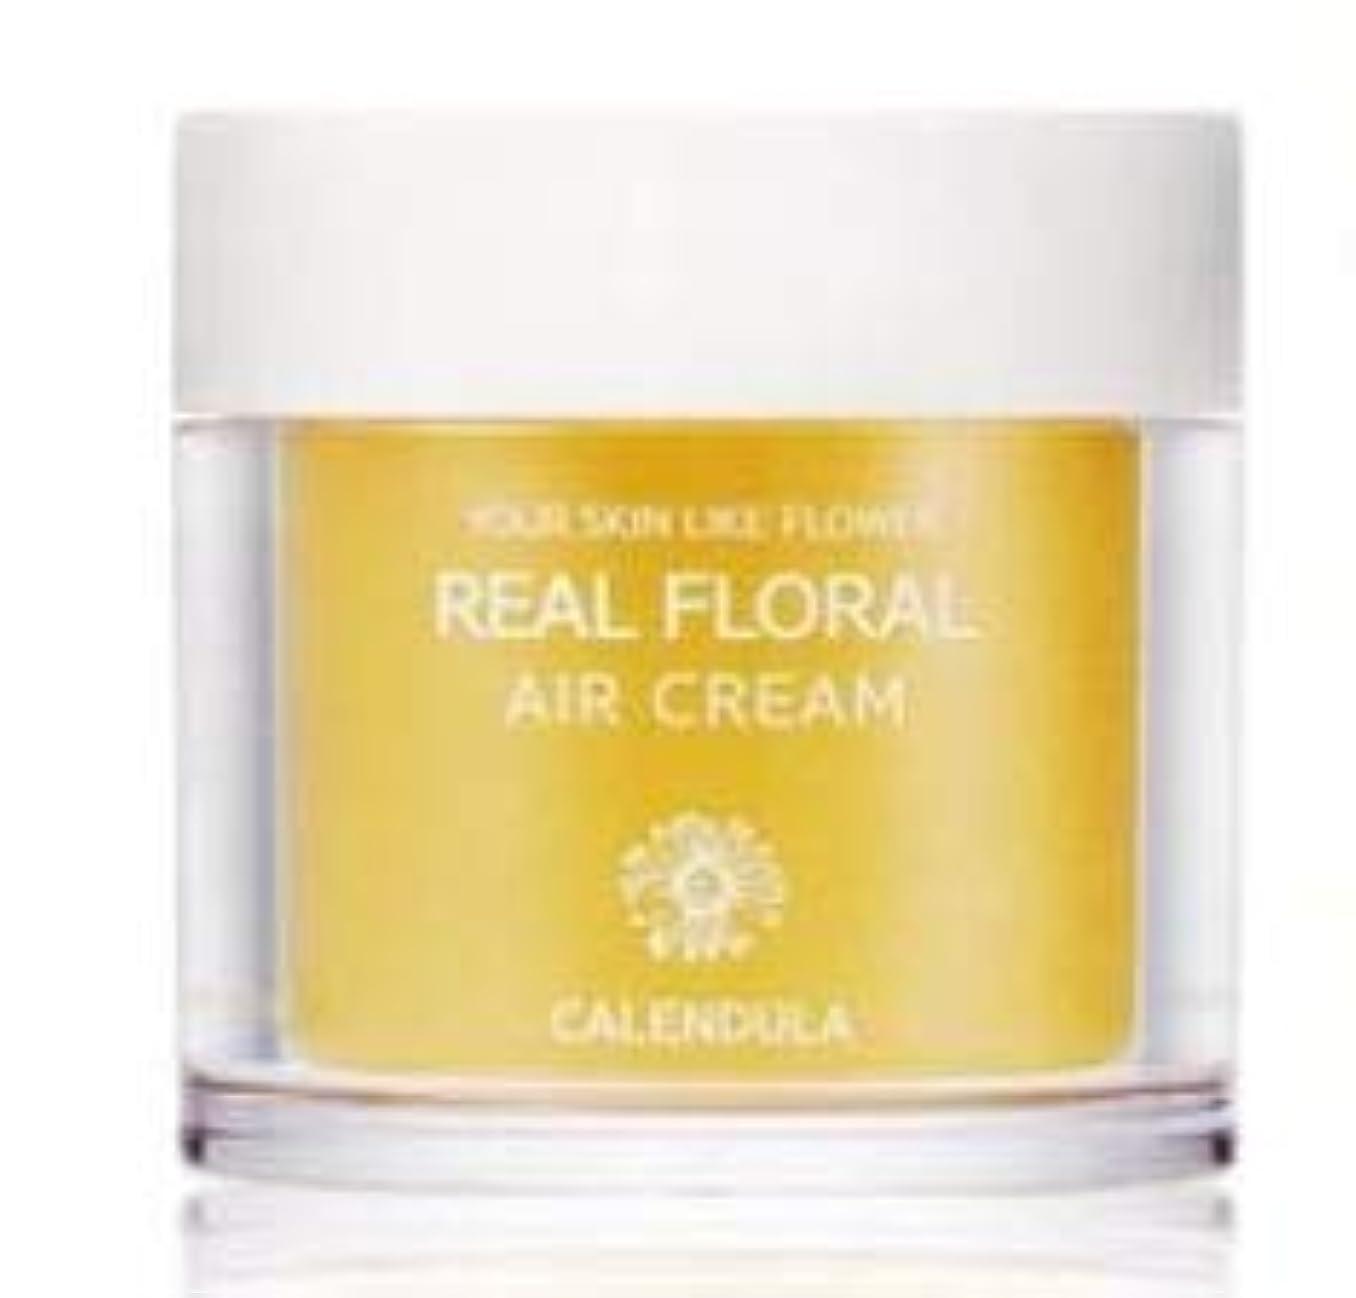 暖かさ勇敢なカロリーNATURAL PACIFIC Real Floral Air Cream 100ml (Calendula) /ナチュラルパシフィック リアル カレンデュラ エア クリーム 100ml [並行輸入品]